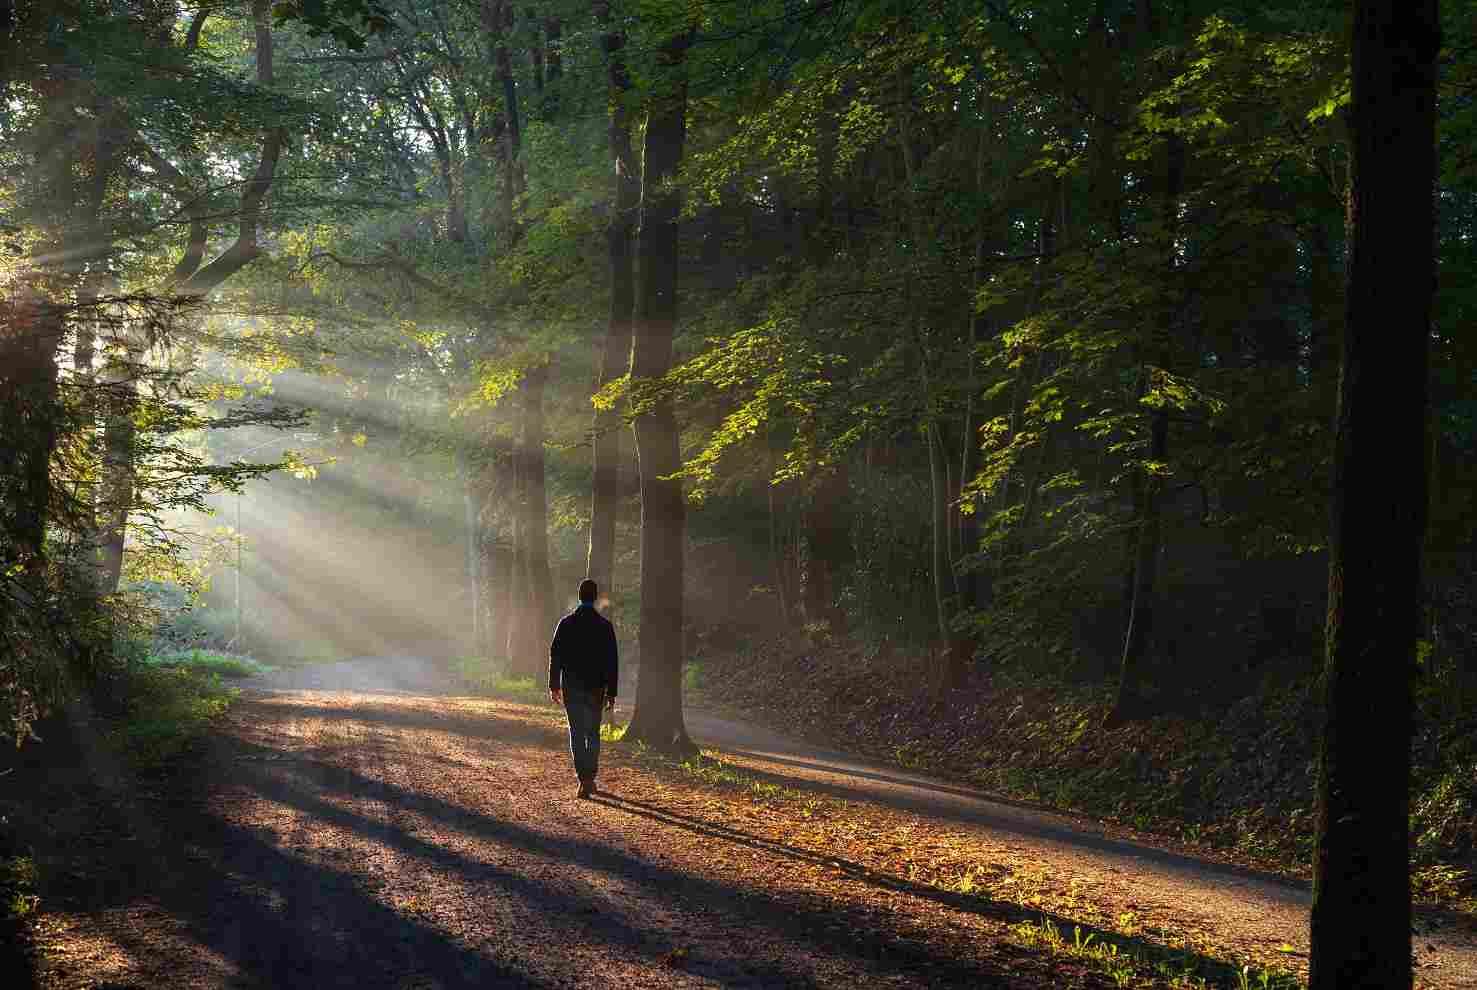 un homme se ressource dans la nature : il traverse une période difficile